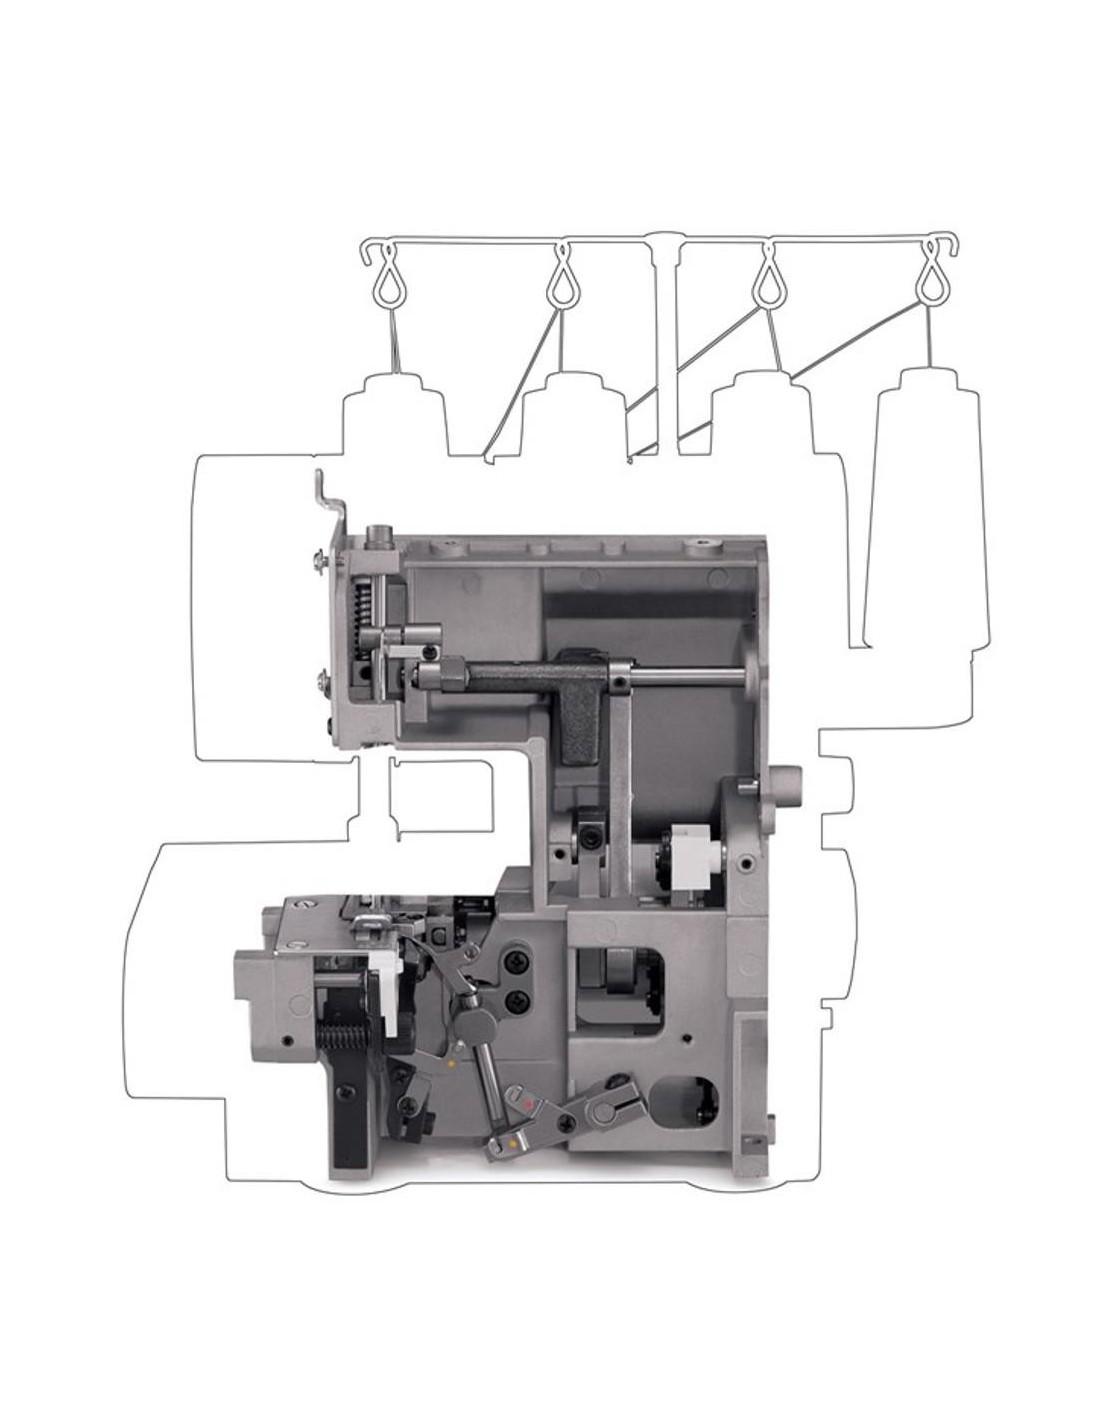 sewshop macchina cucire macchine cucire tagliacuci